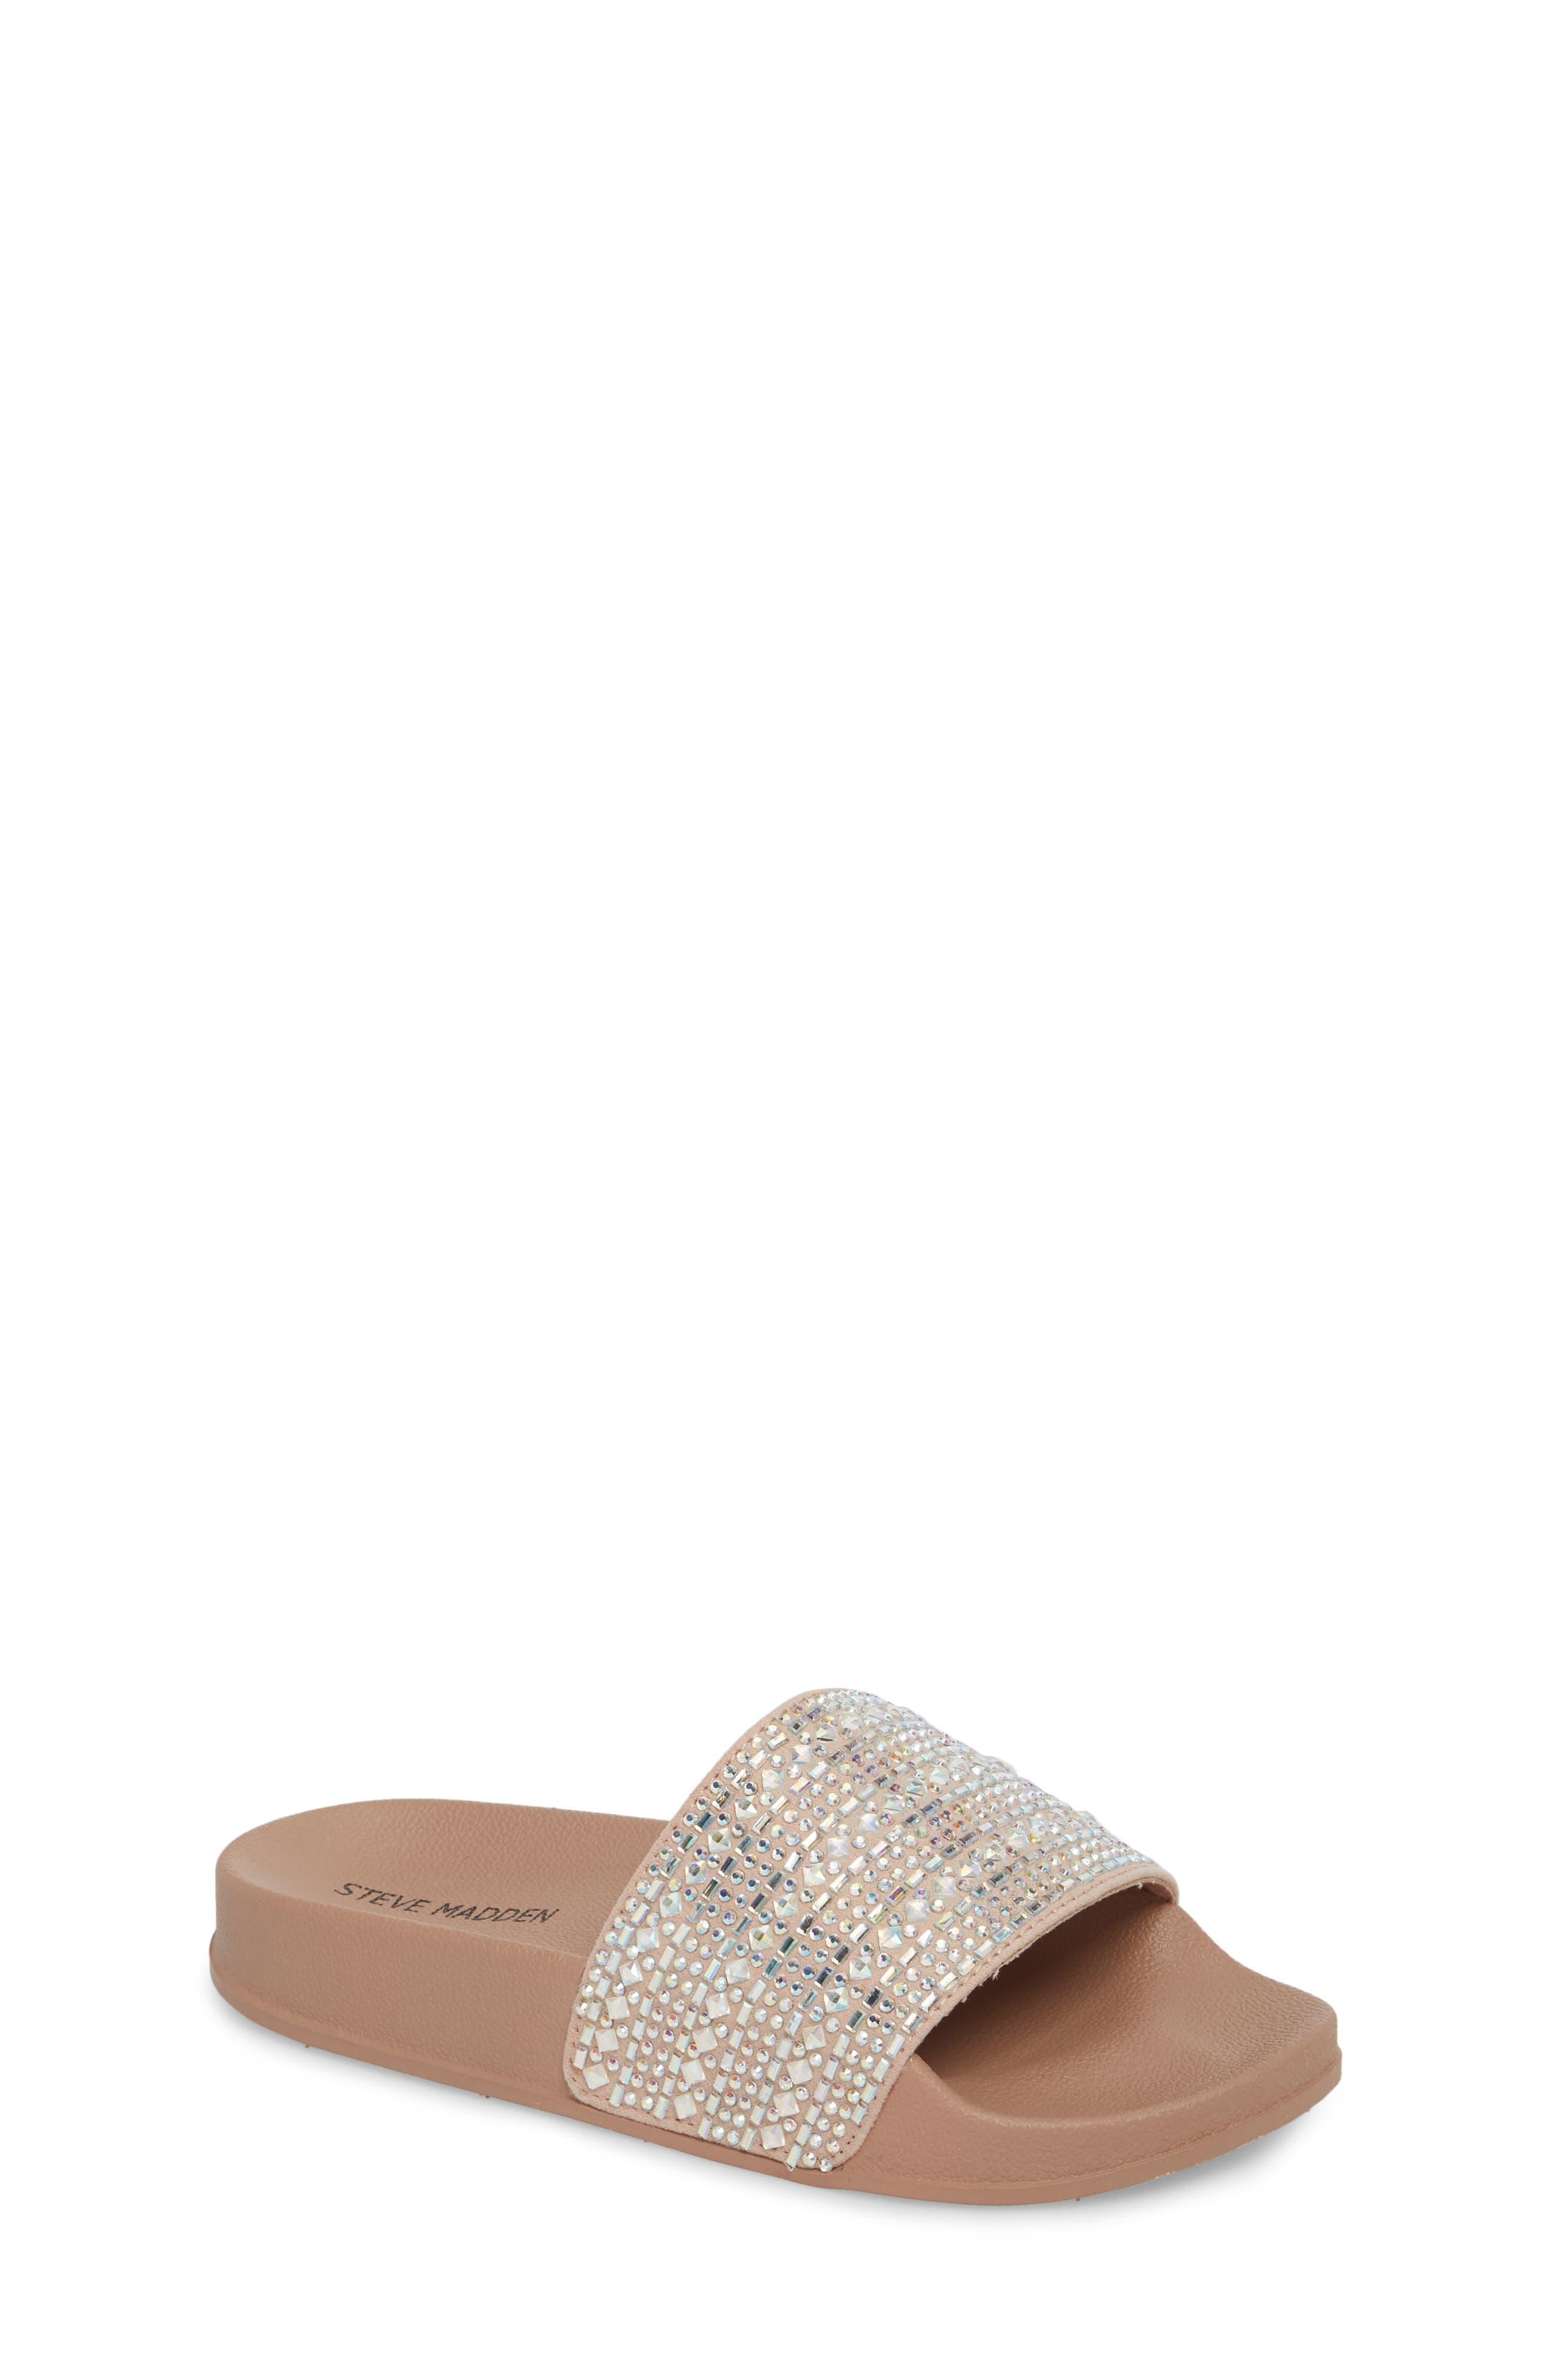 JDAZZLE Crystal Embellished Slide Sandal,                             Main thumbnail 1, color,                             675